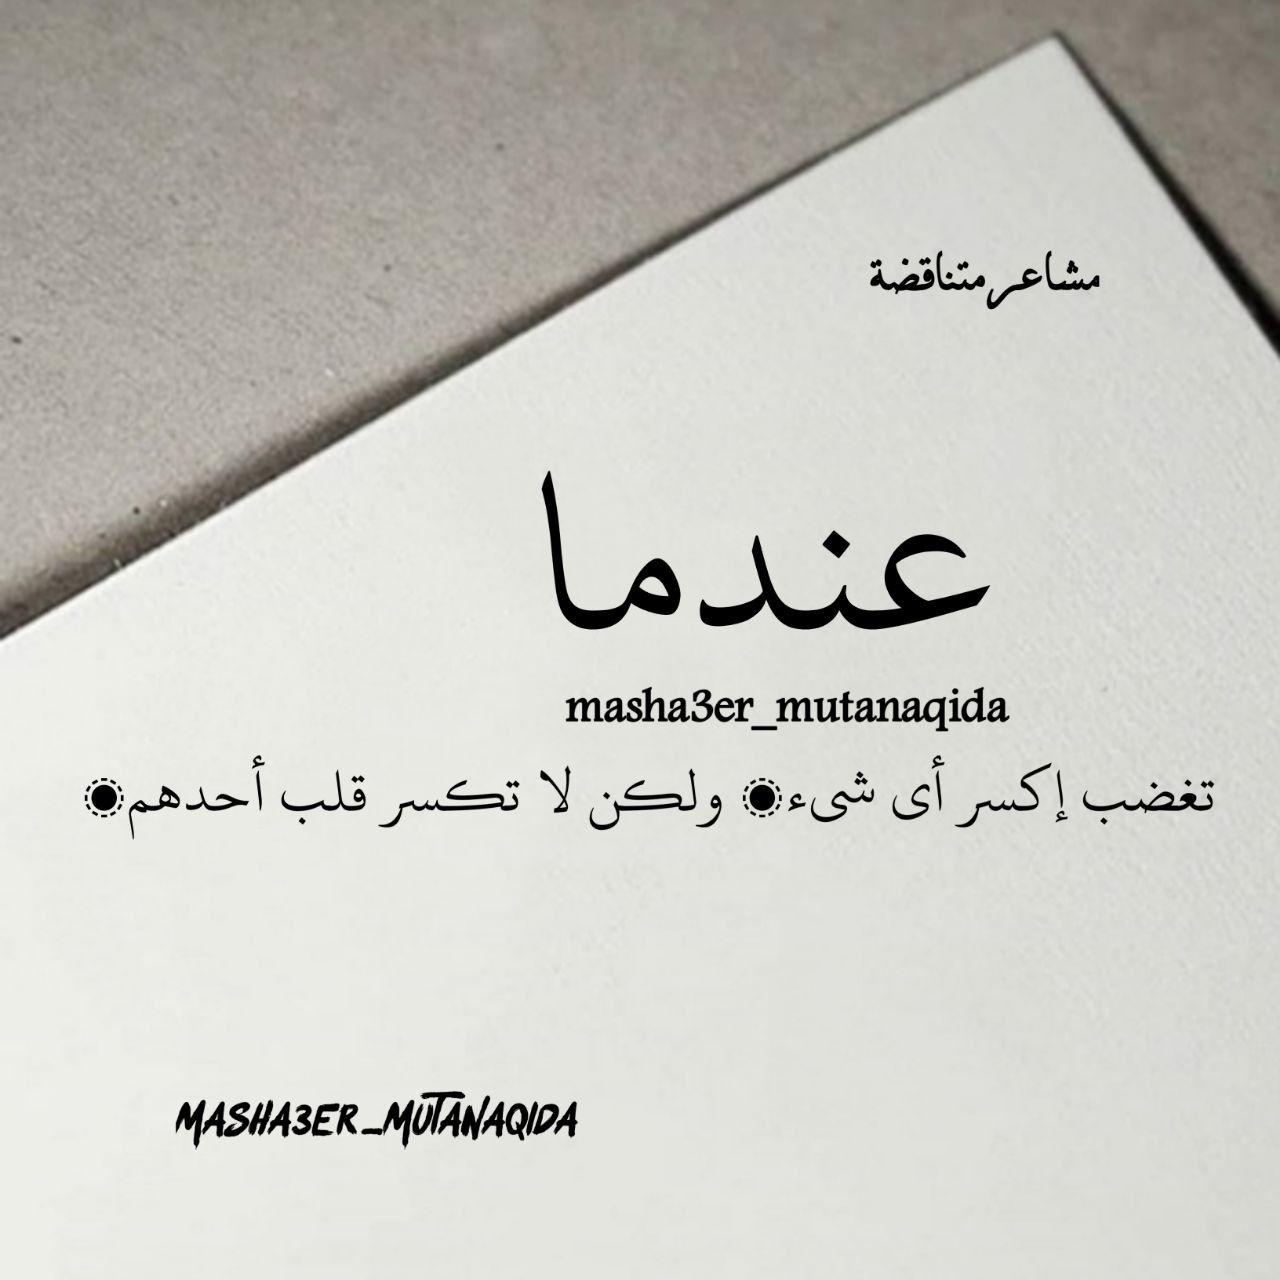 عندما تغضب إكسر أي شيء ولكن لا تكسر قلب أحدهم Calligraphy Arabic Calligraphy Instagram